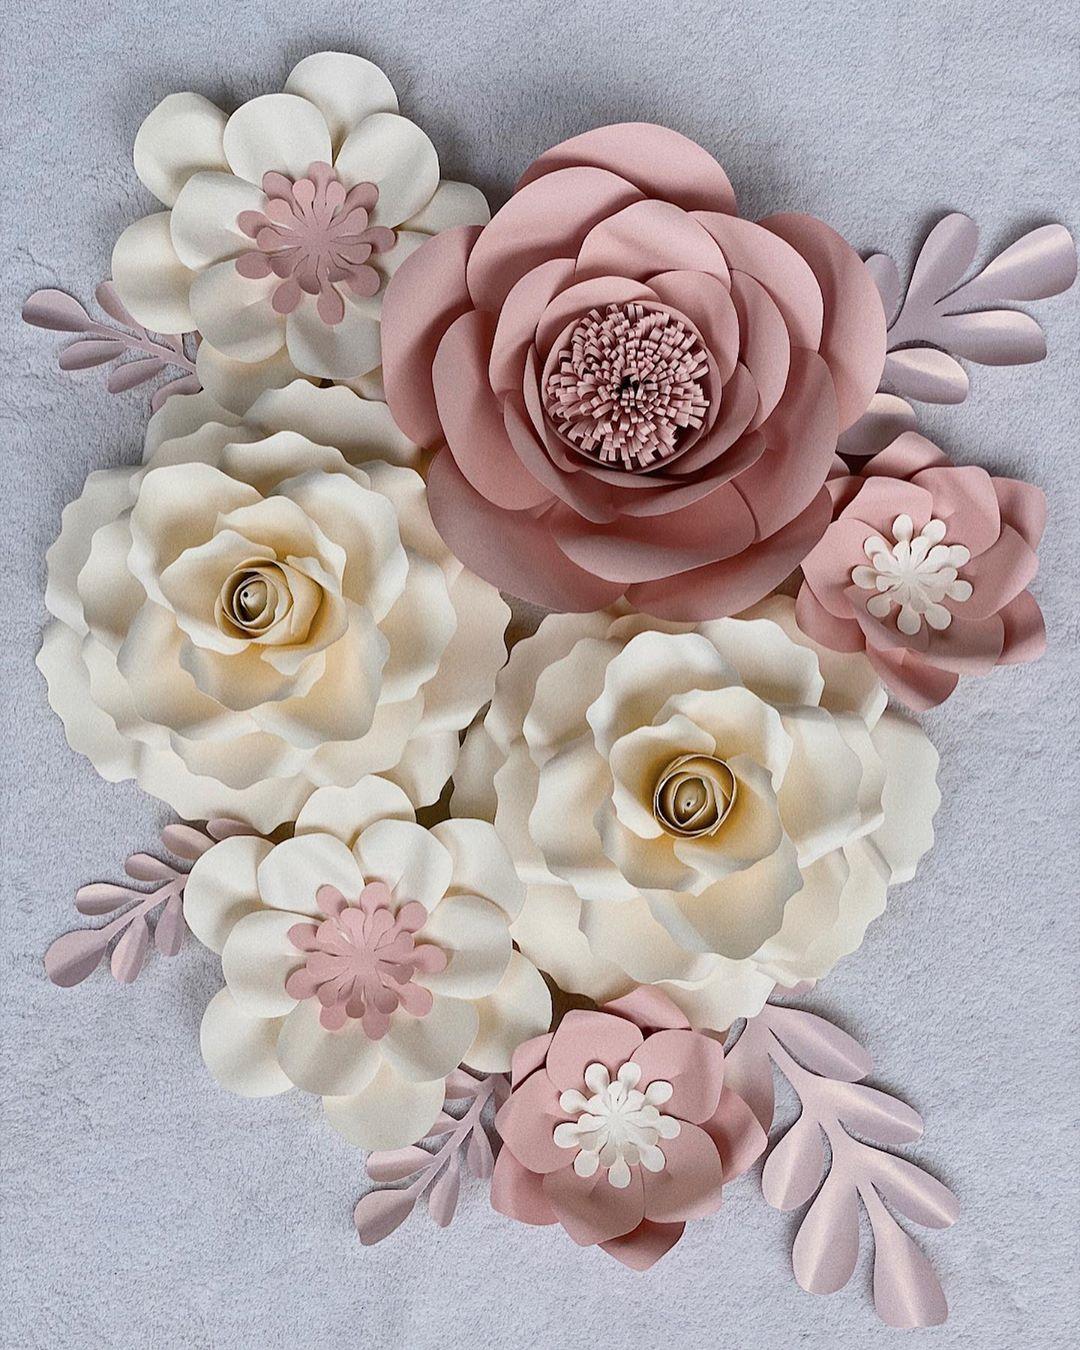 Cream and Beige Roses